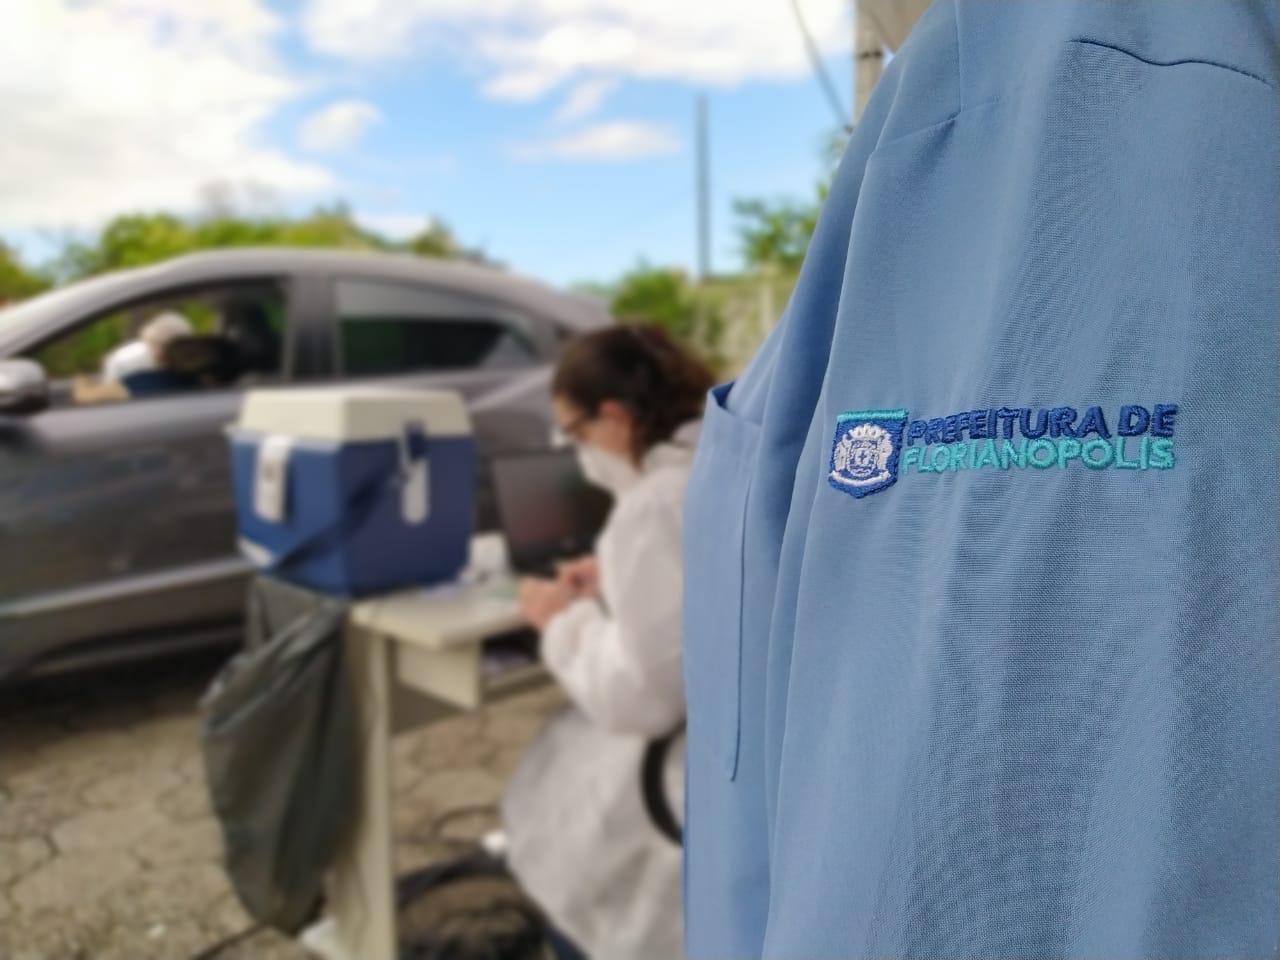 Prefeitura de Florianópolis faz parte de consórcio de cidades brasileiras para adquirir vacinas da Covid-19